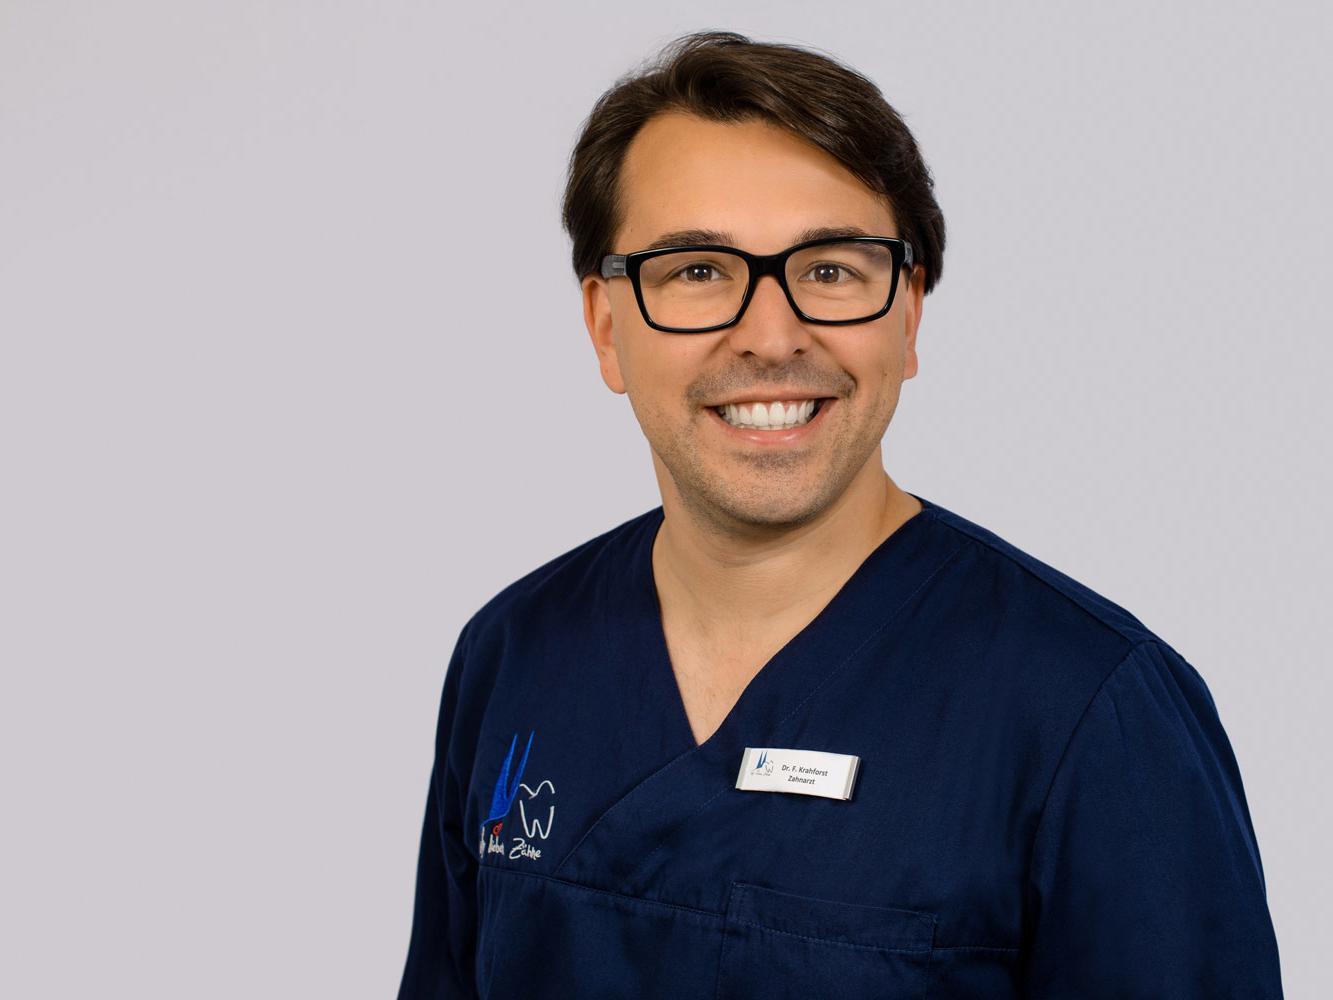 Zahnarzt Köln - Dr. med. dent. Felix Krahforst